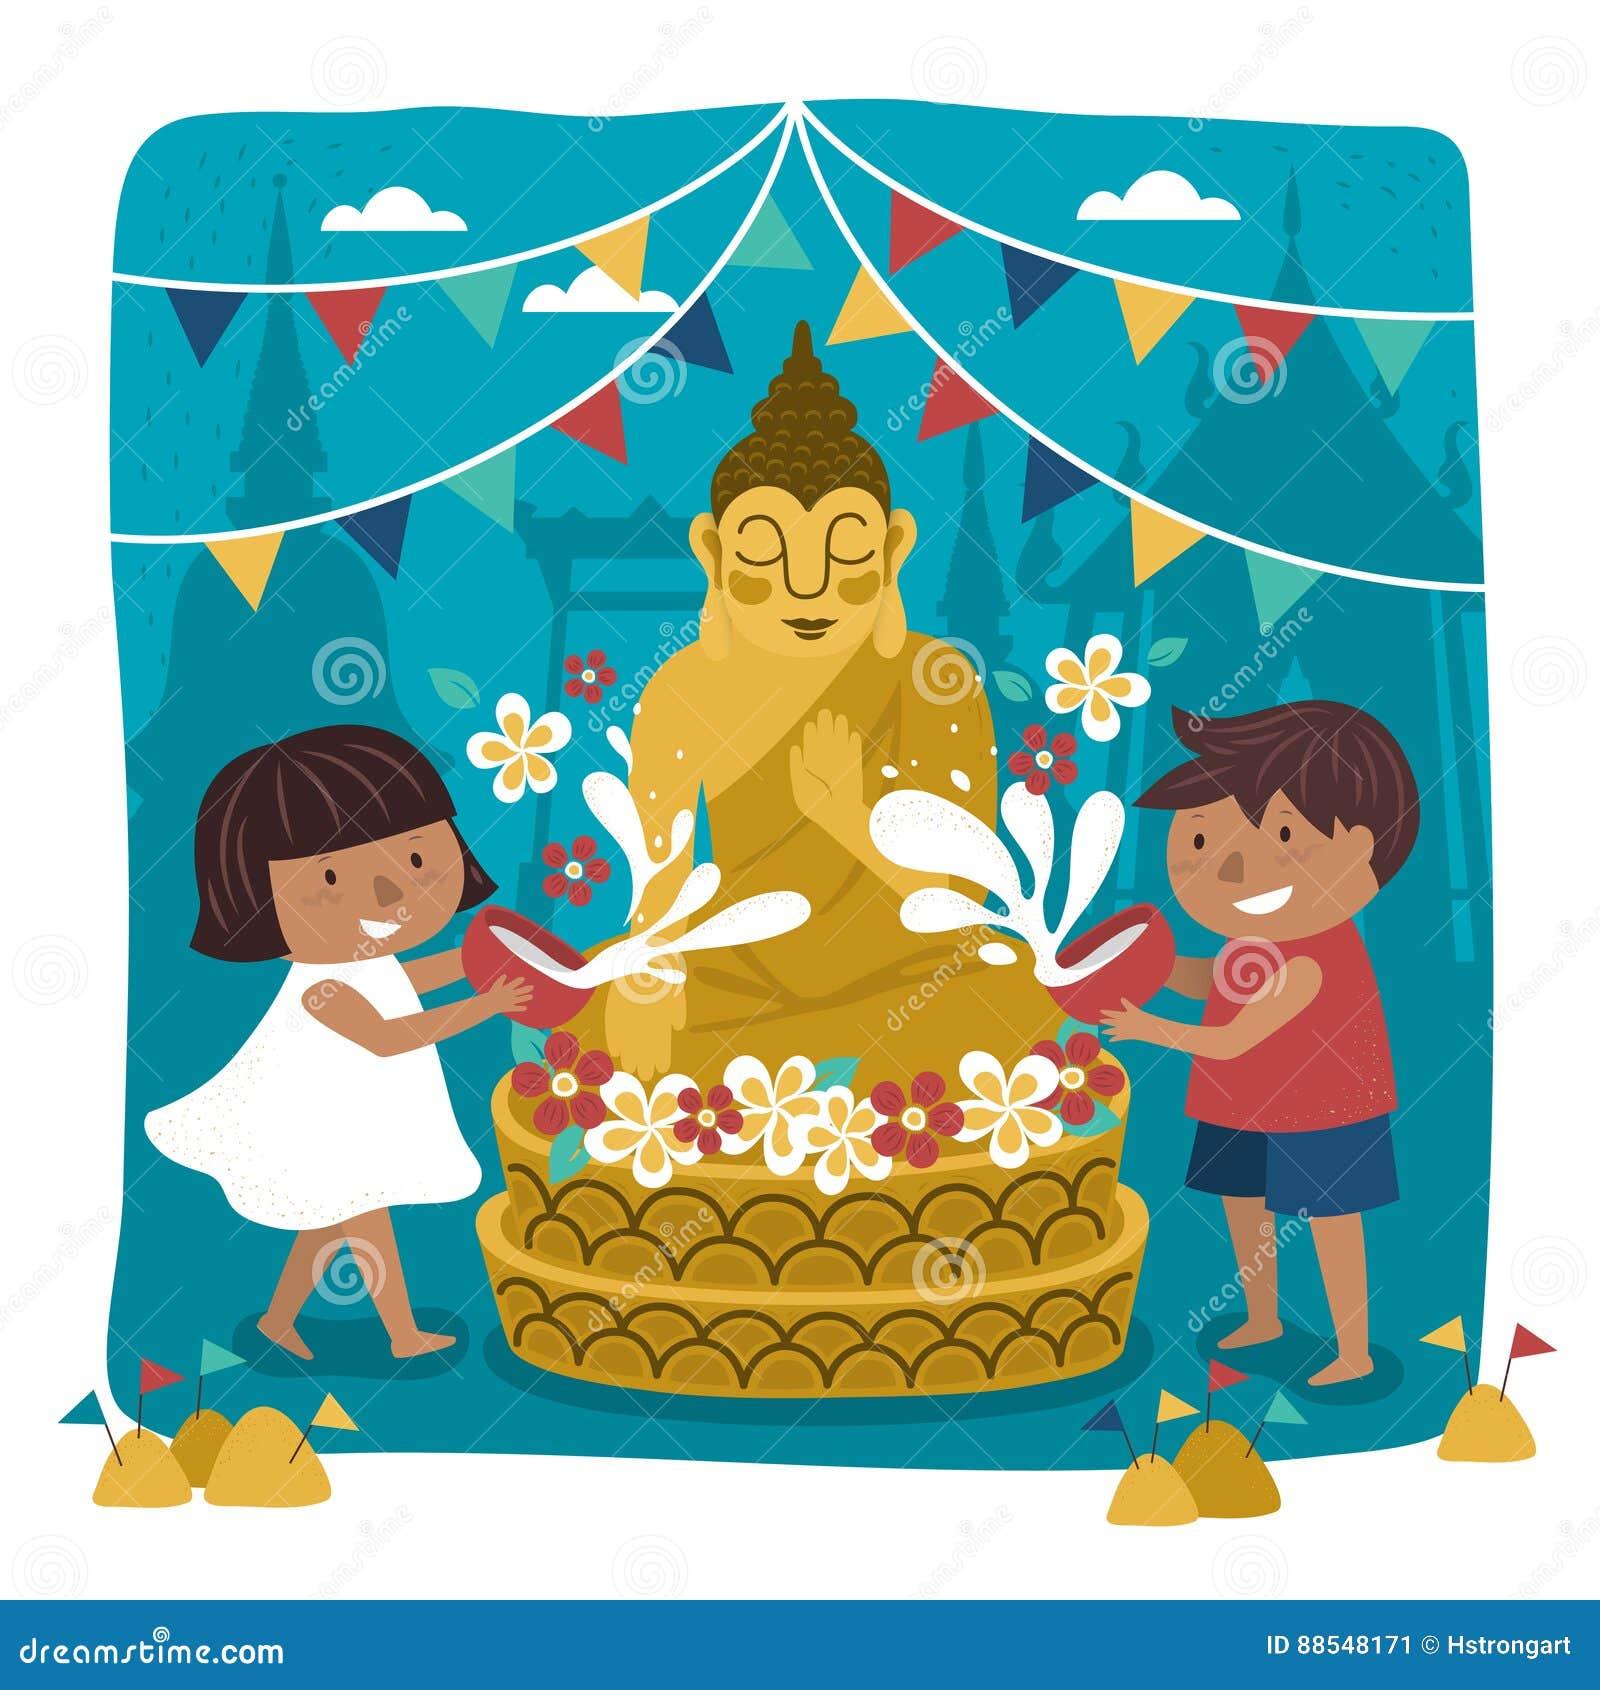 Songkran Festival Illustration Cartoon Vector